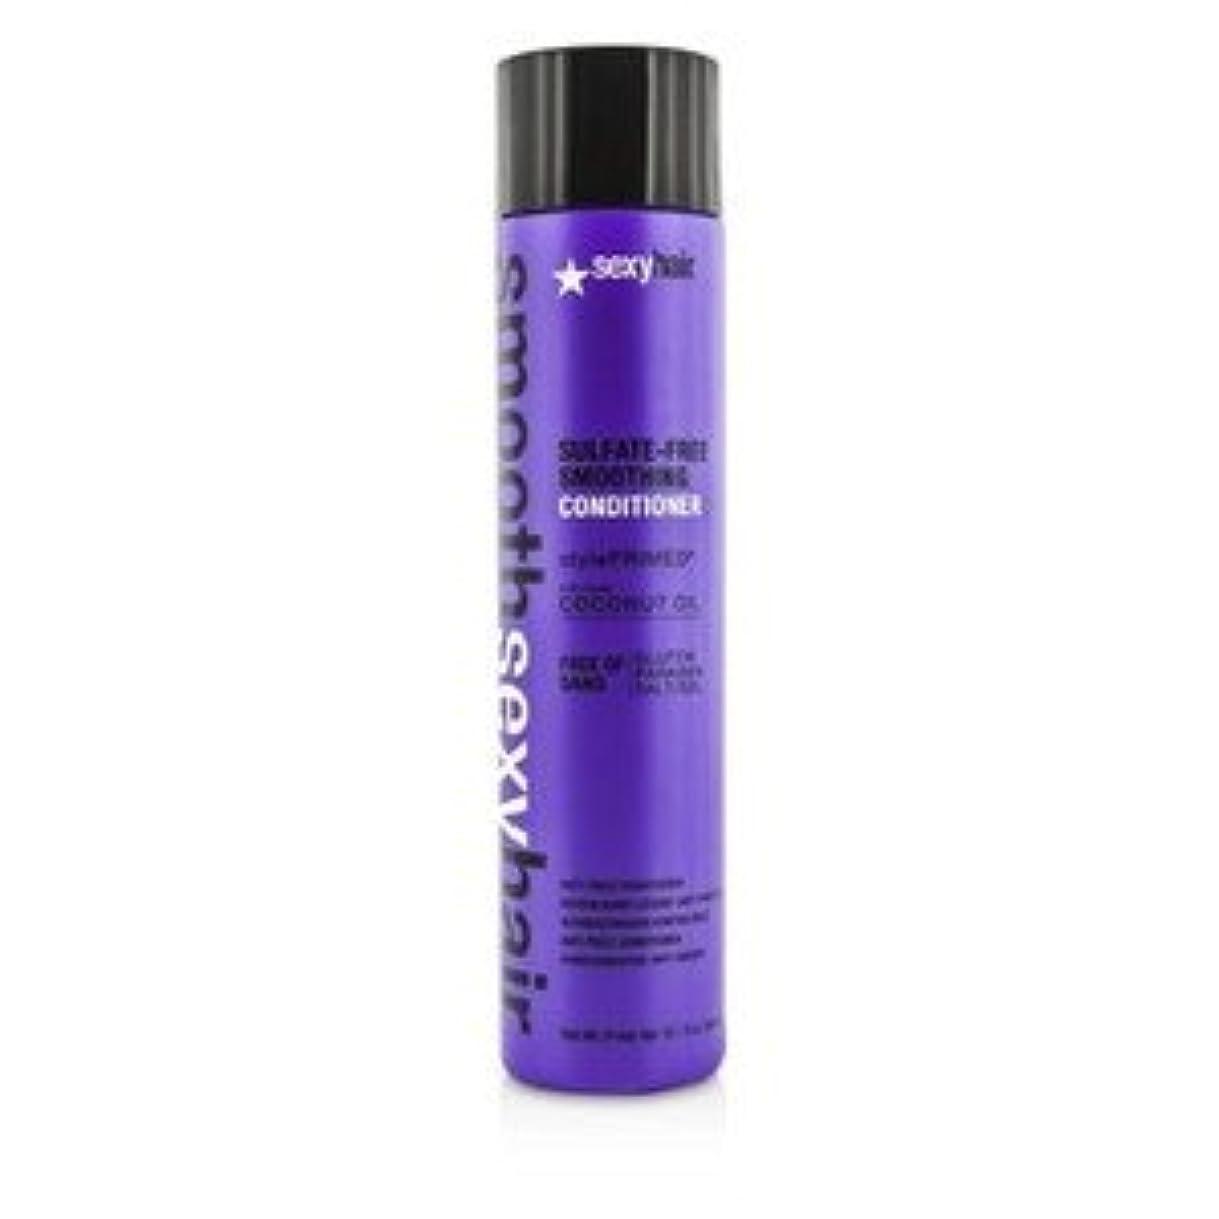 走る脚エンディングSexy Hair スムース セクシー ヘア サルフェートフリー スムージング コンディショナー(Anti-Frizz) 300ml/10.1oz [並行輸入品]